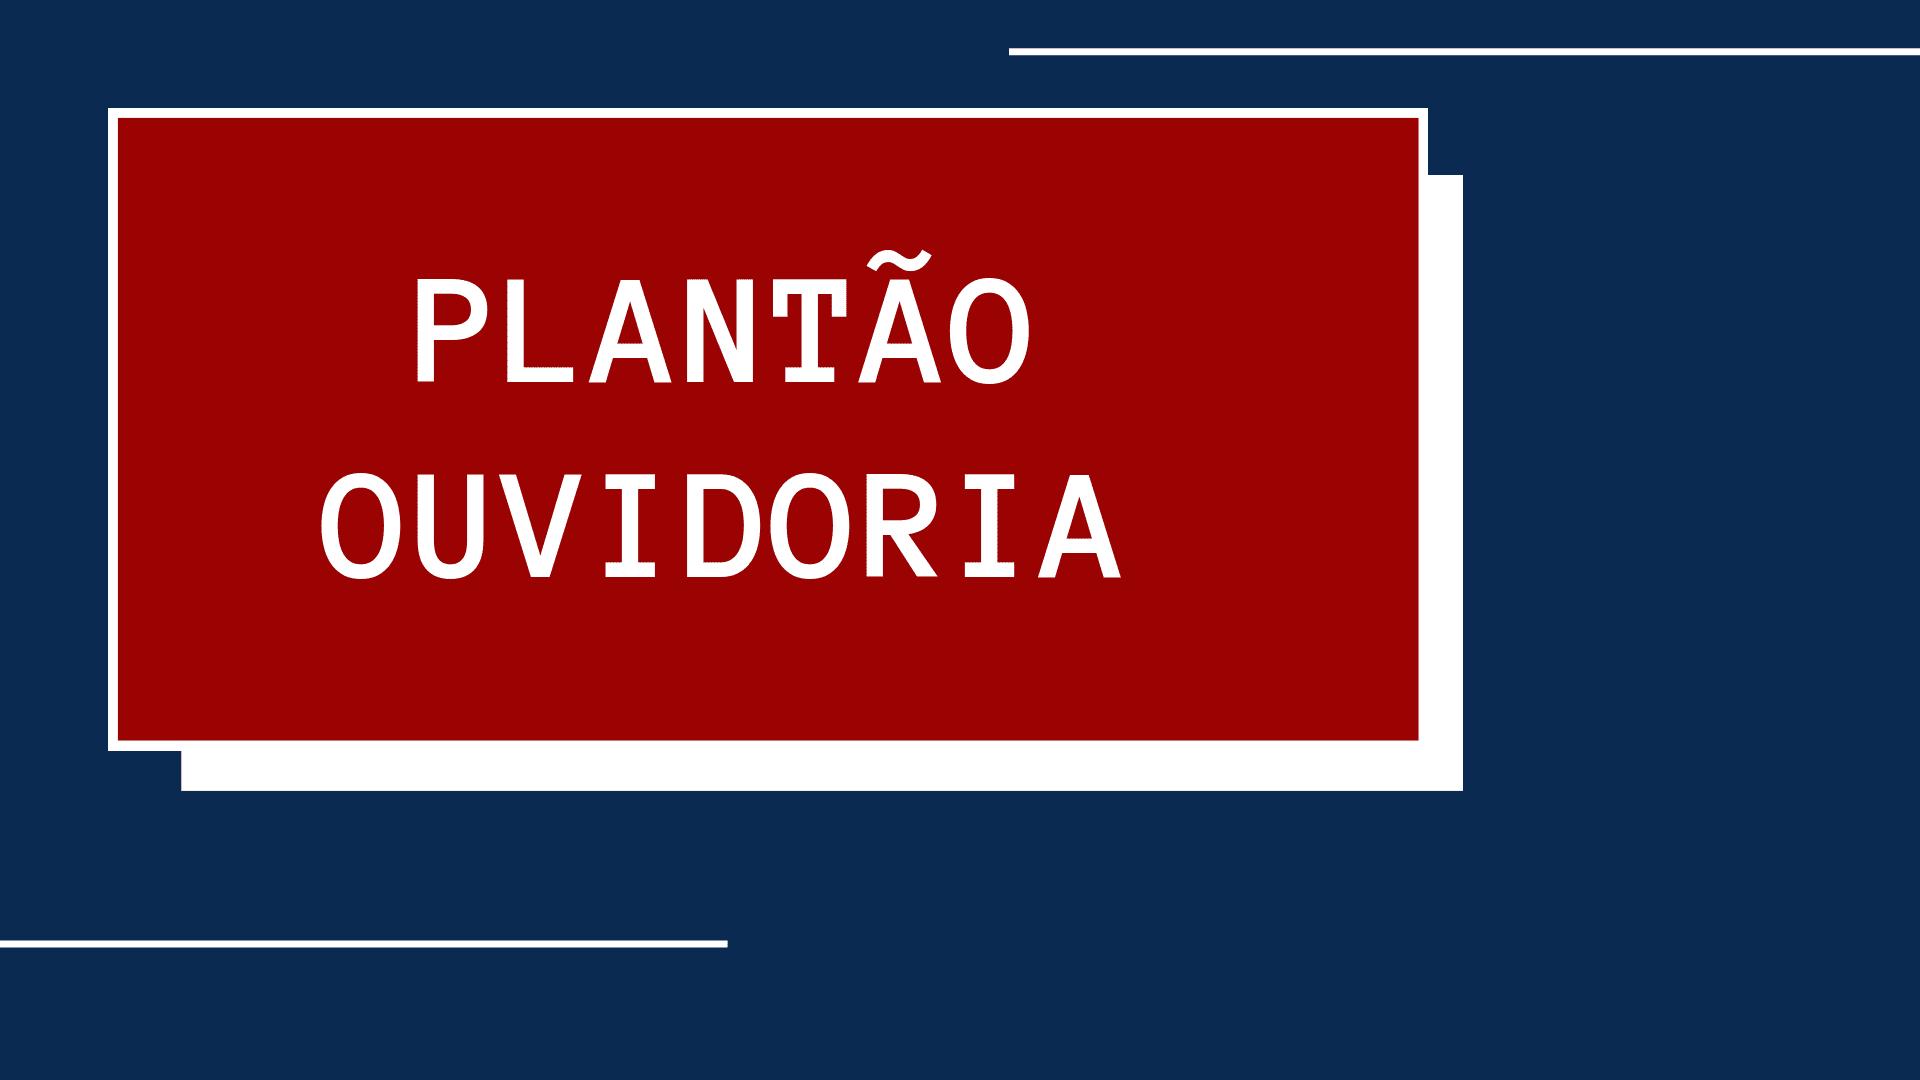 Plantão Presencial da Ouvidoria OAB Guarulhos